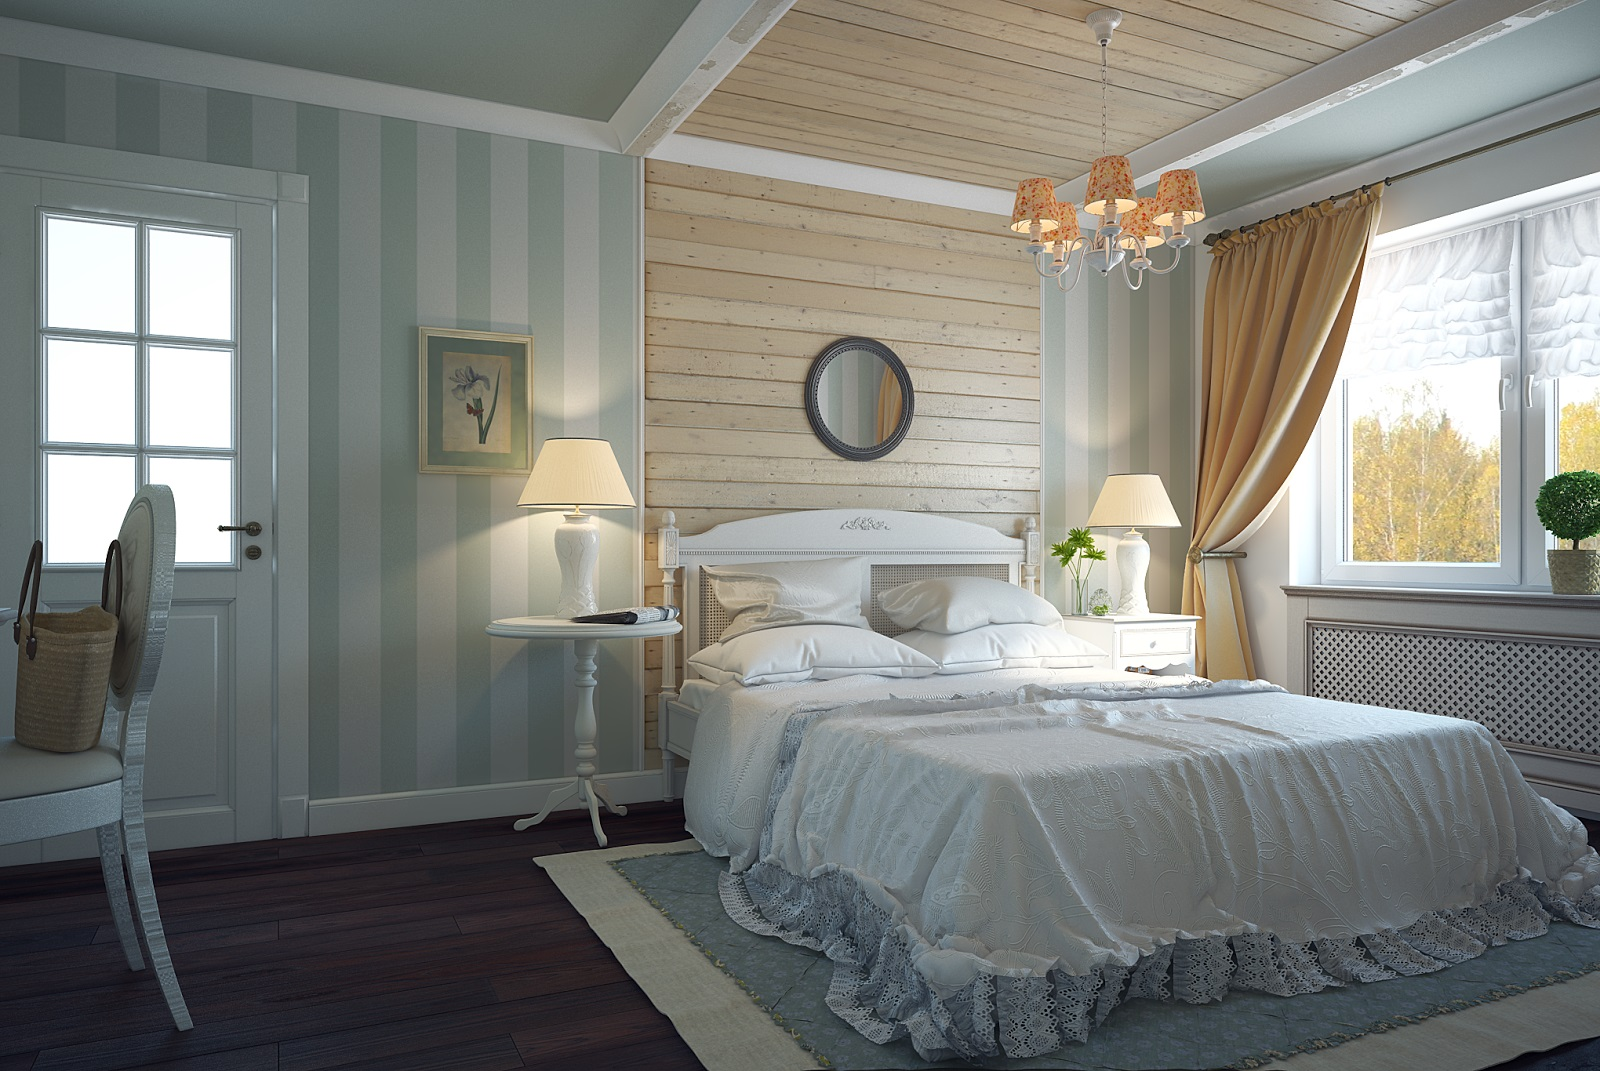 Особенности и преимущества оформления спальни в стиле прованс